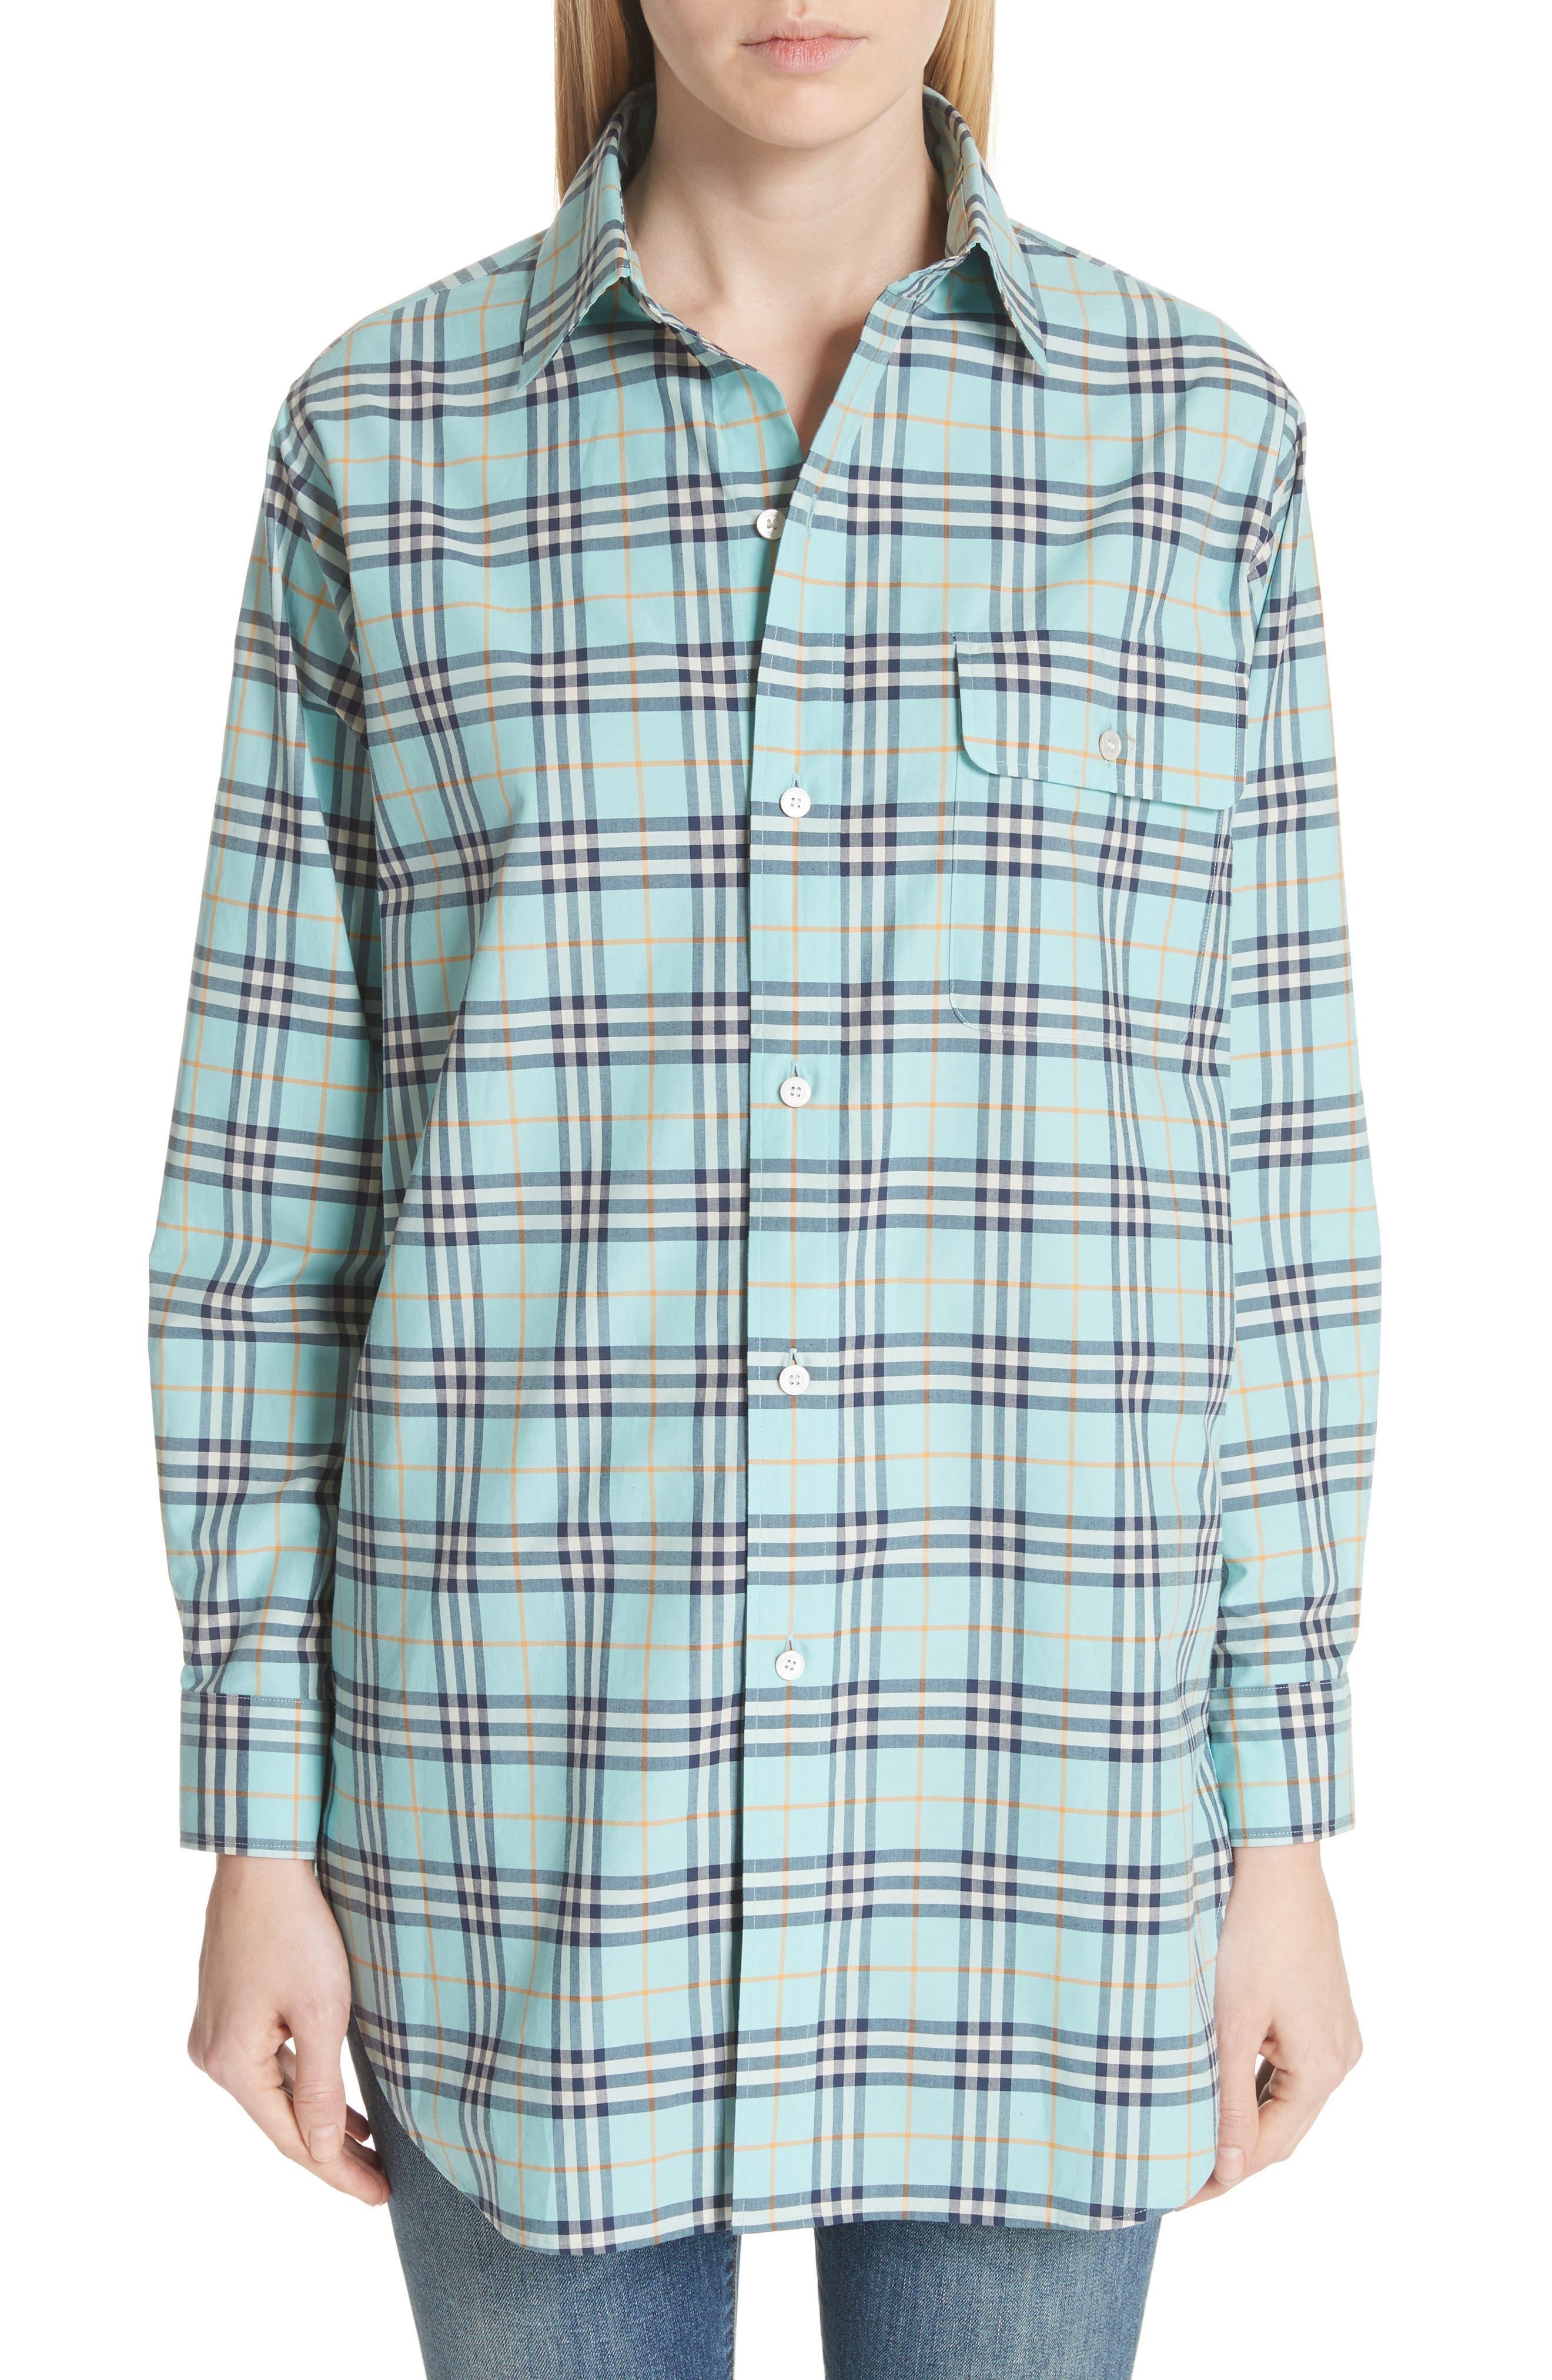 Crow Plaid Shirt,                         Main,                         color, BRIGHT AQUA